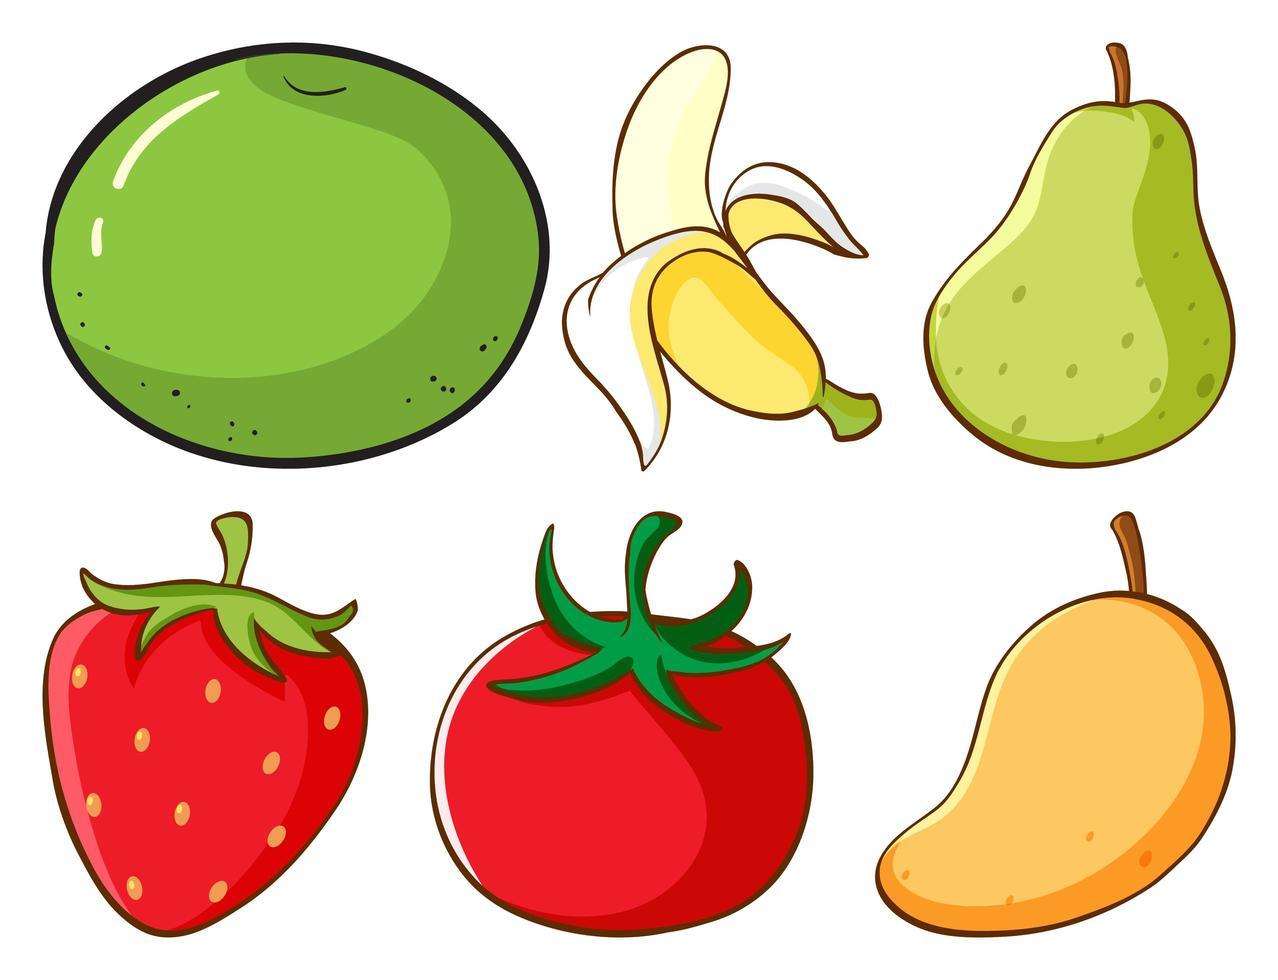 différents types de fruits et légumes vecteur